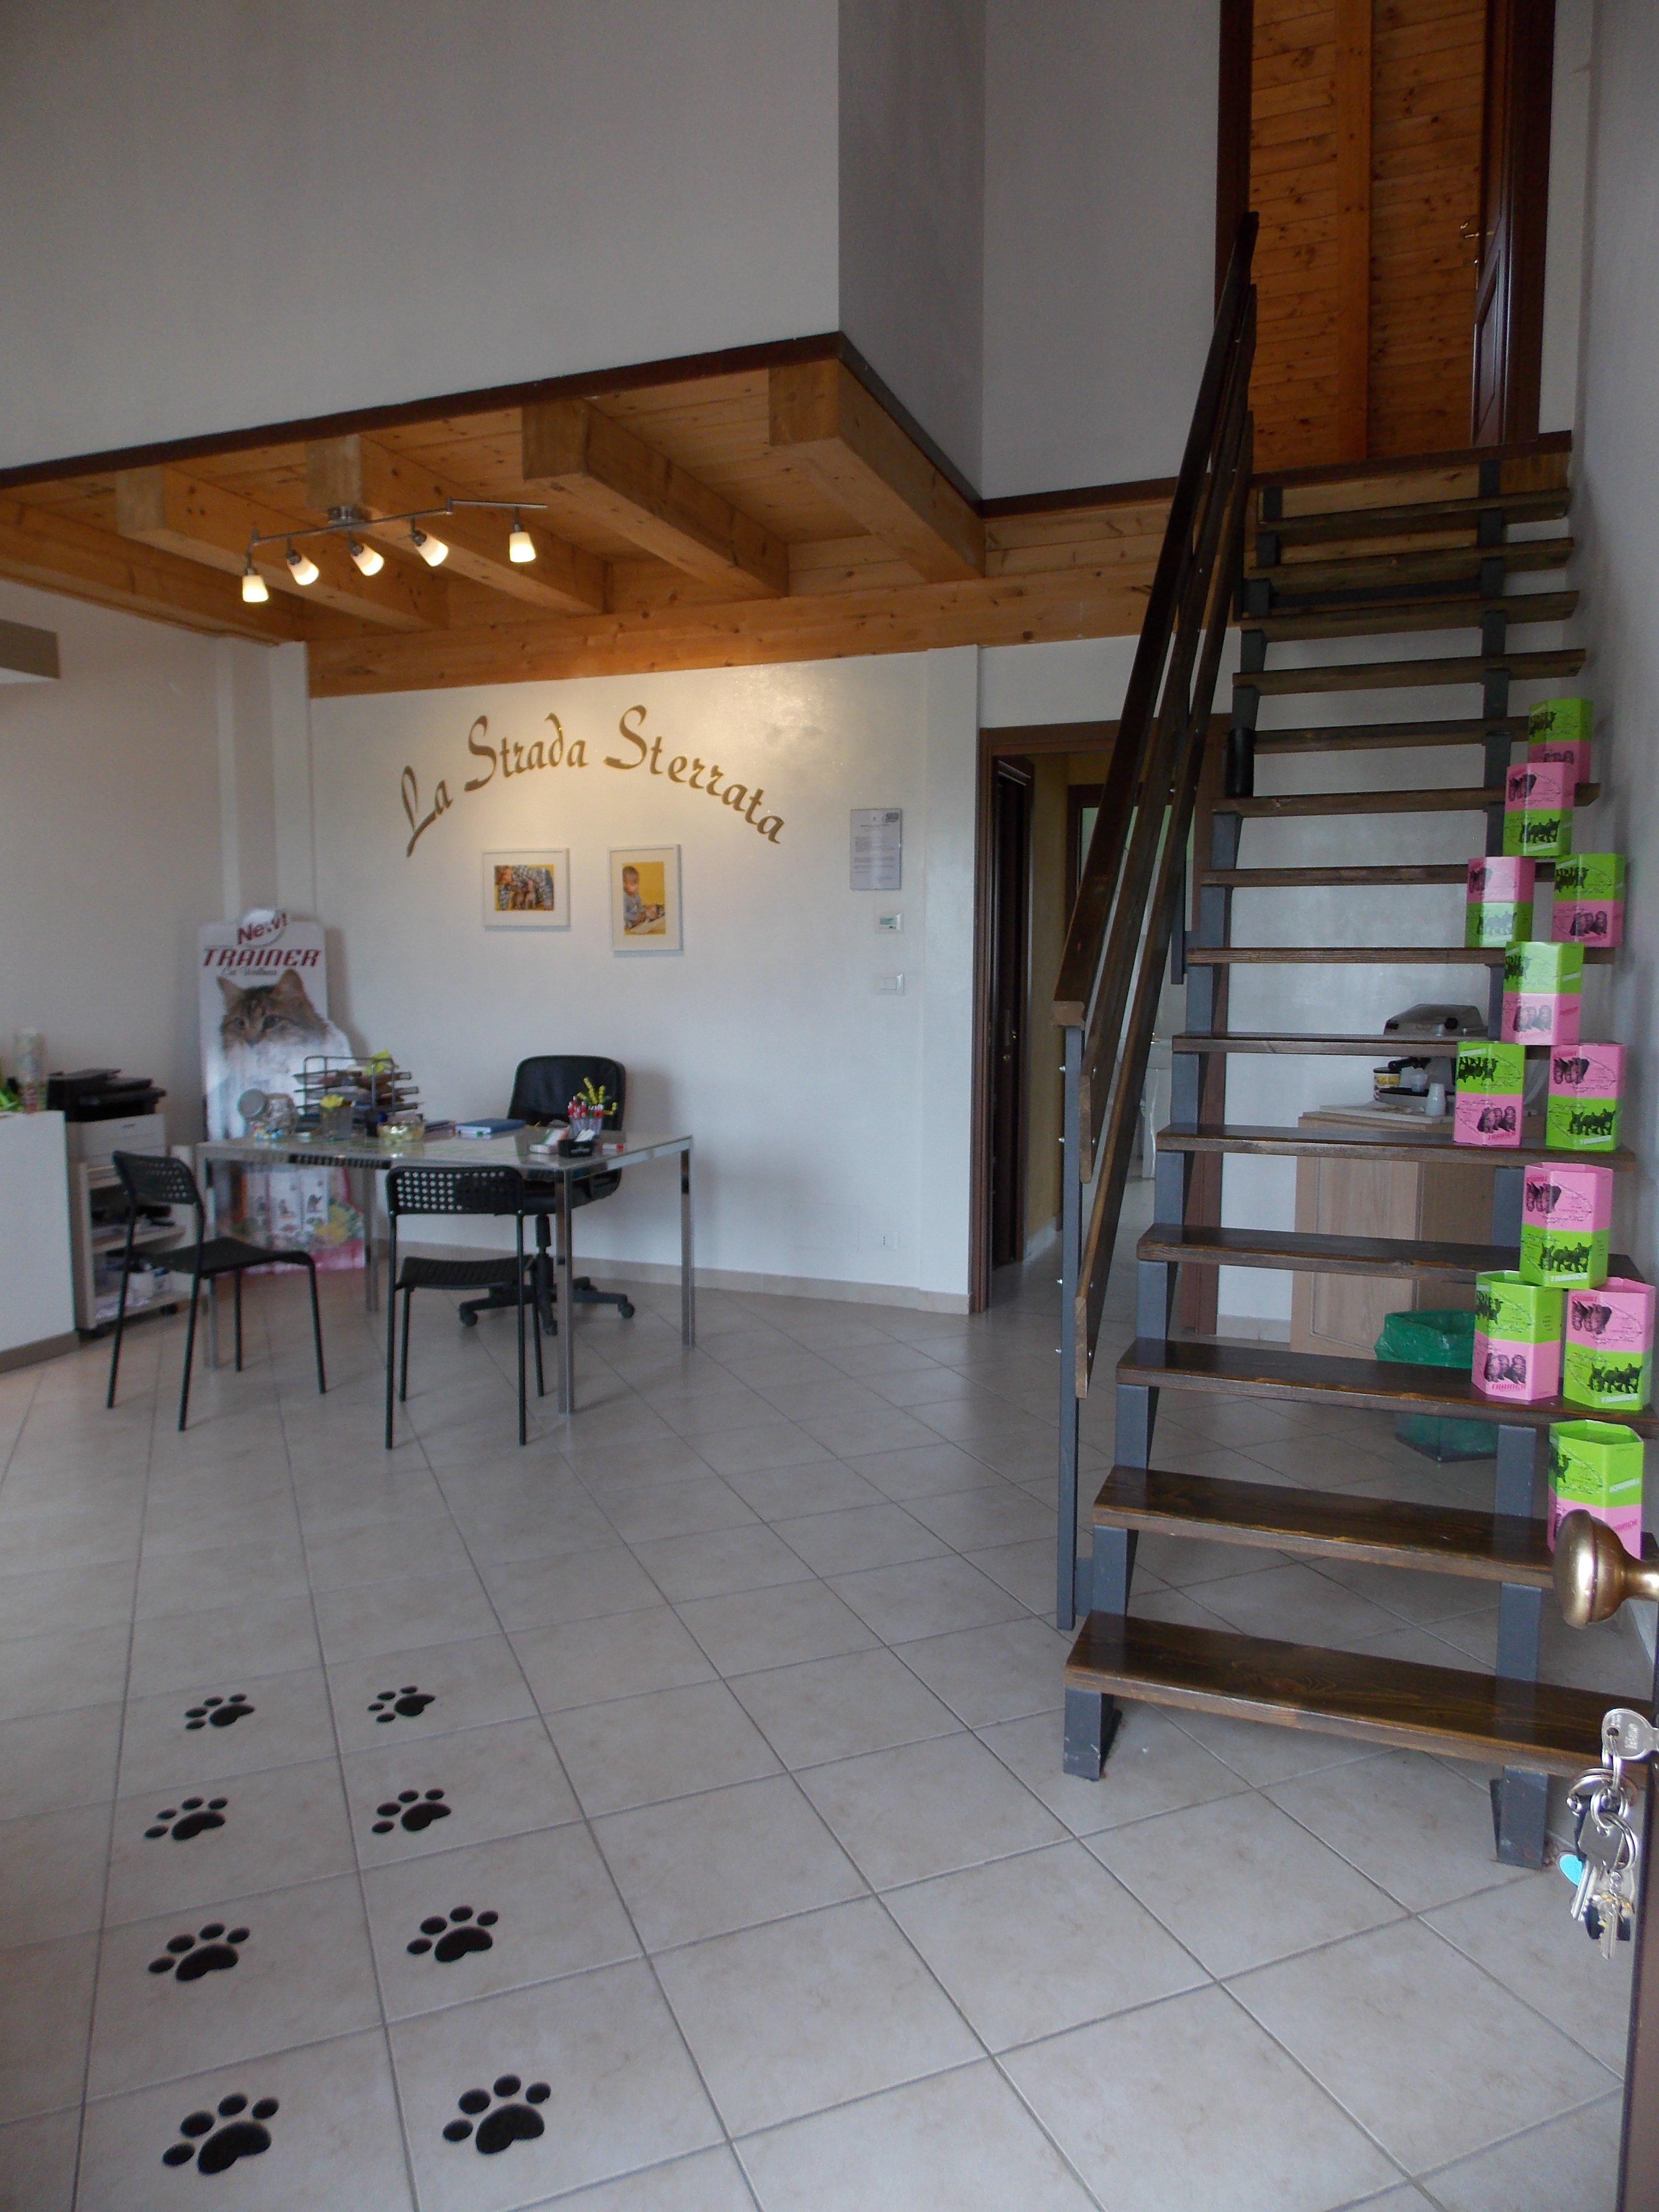 Interno del negozio La Strada Sterrata - Articoli per Animali a Vigone con scala al secondo piano